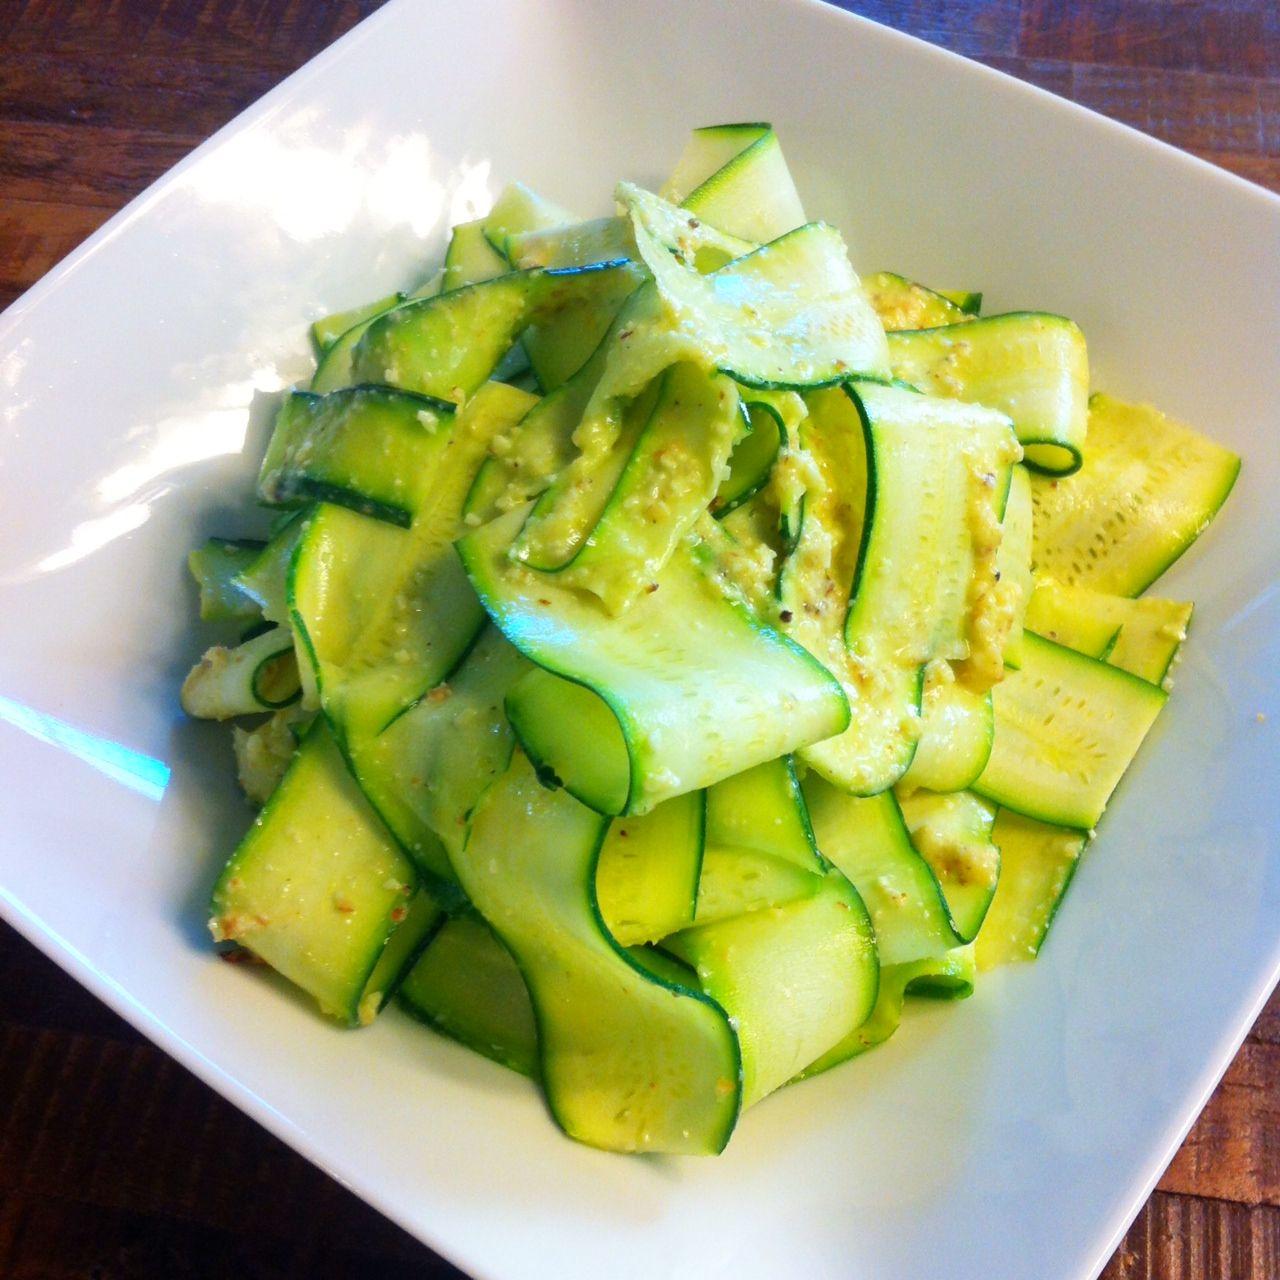 Ensalada De Listones De Calabacitas Receta Vegetarianos  ~ Recetas De Ensaladas Faciles Y Originales